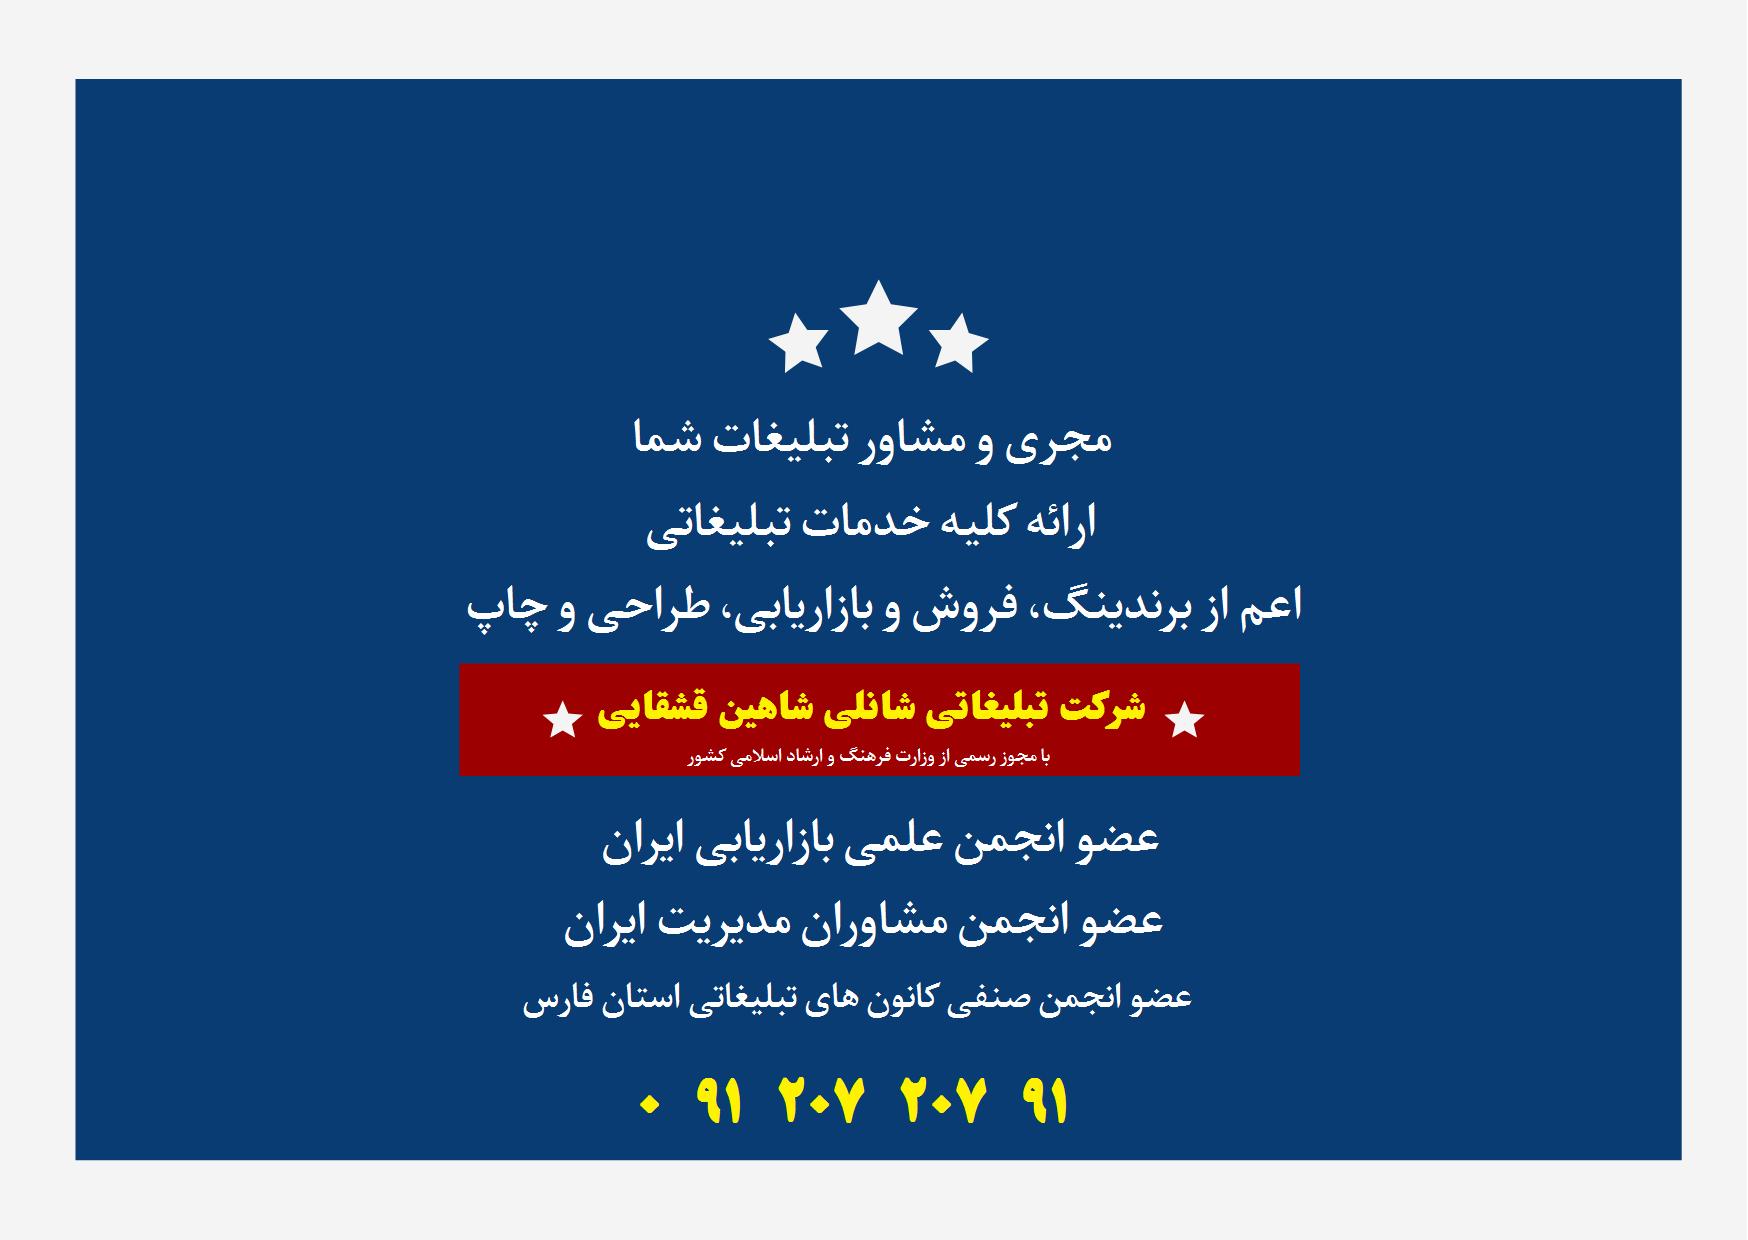 راه های ارتباطی شرکت شانلی شاهین قشقایی برای رزرو تابلو تبلیغاتی در شیراز|تبلیغات محیطی|فارس شیراز|ثبت آگهی رایگان - بیلبورد